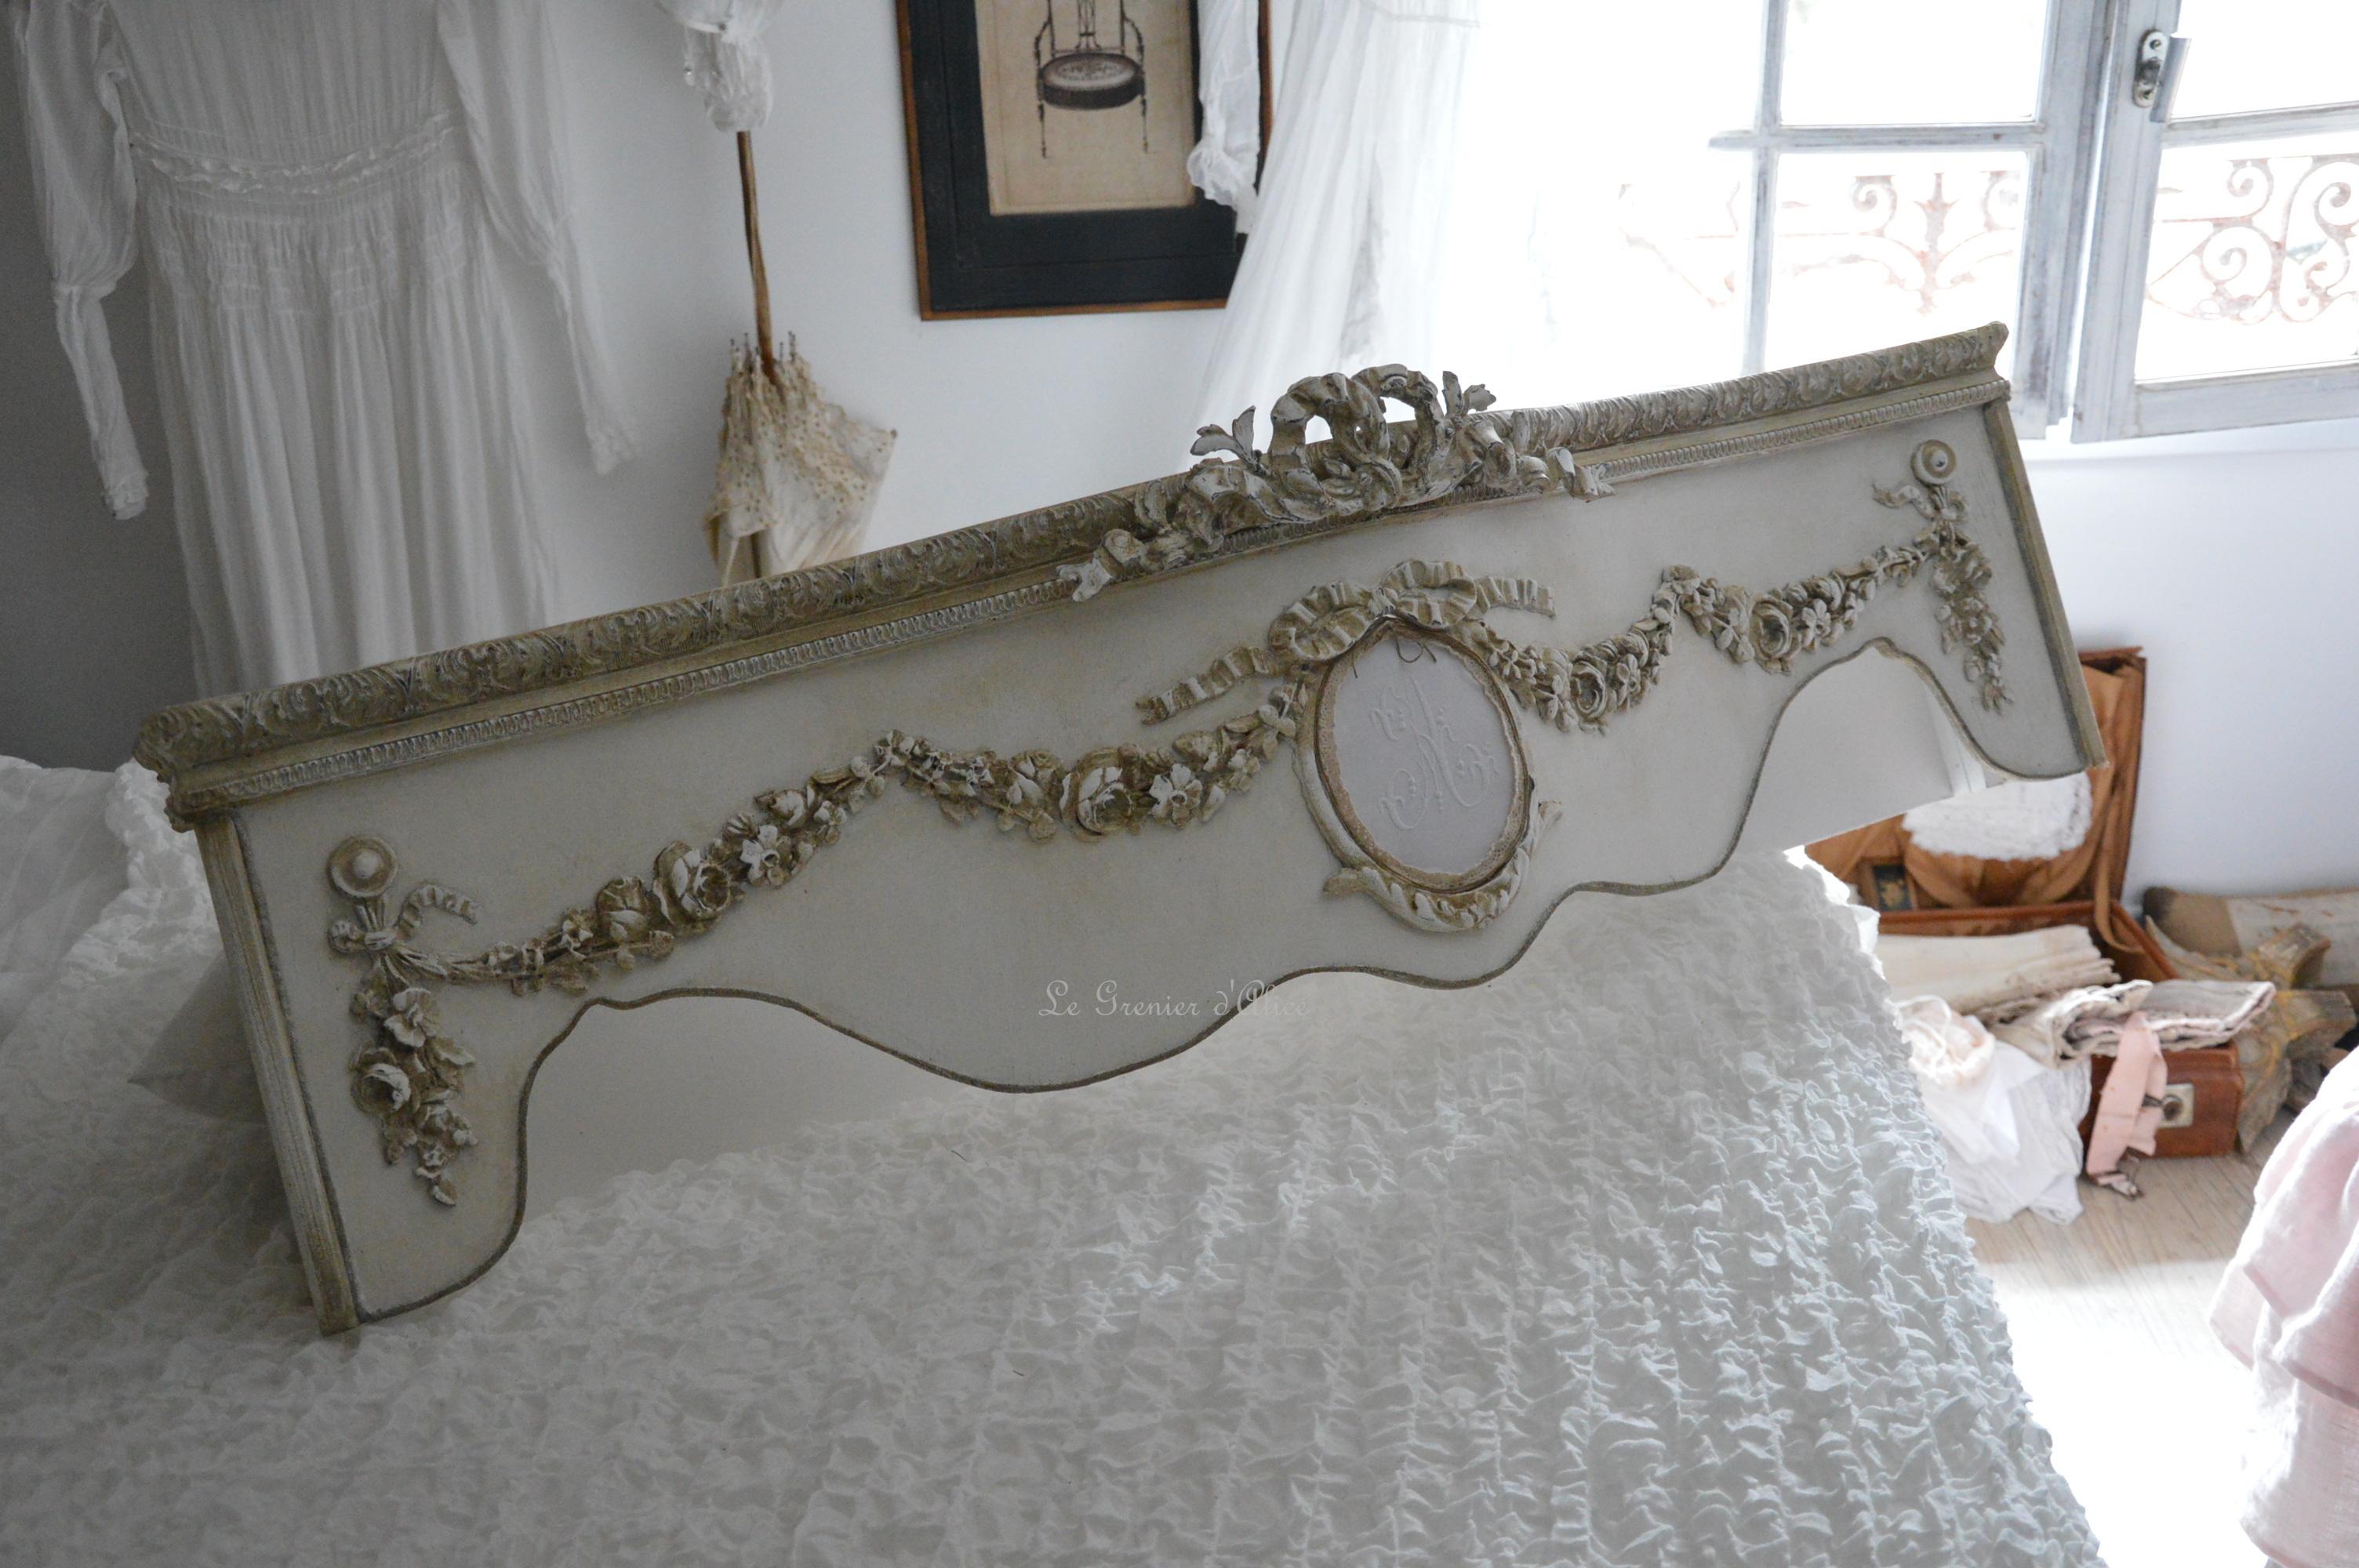 Chambre Style Shabby Romantique ciel de lit romantique shabby chic | le grenier d'alice